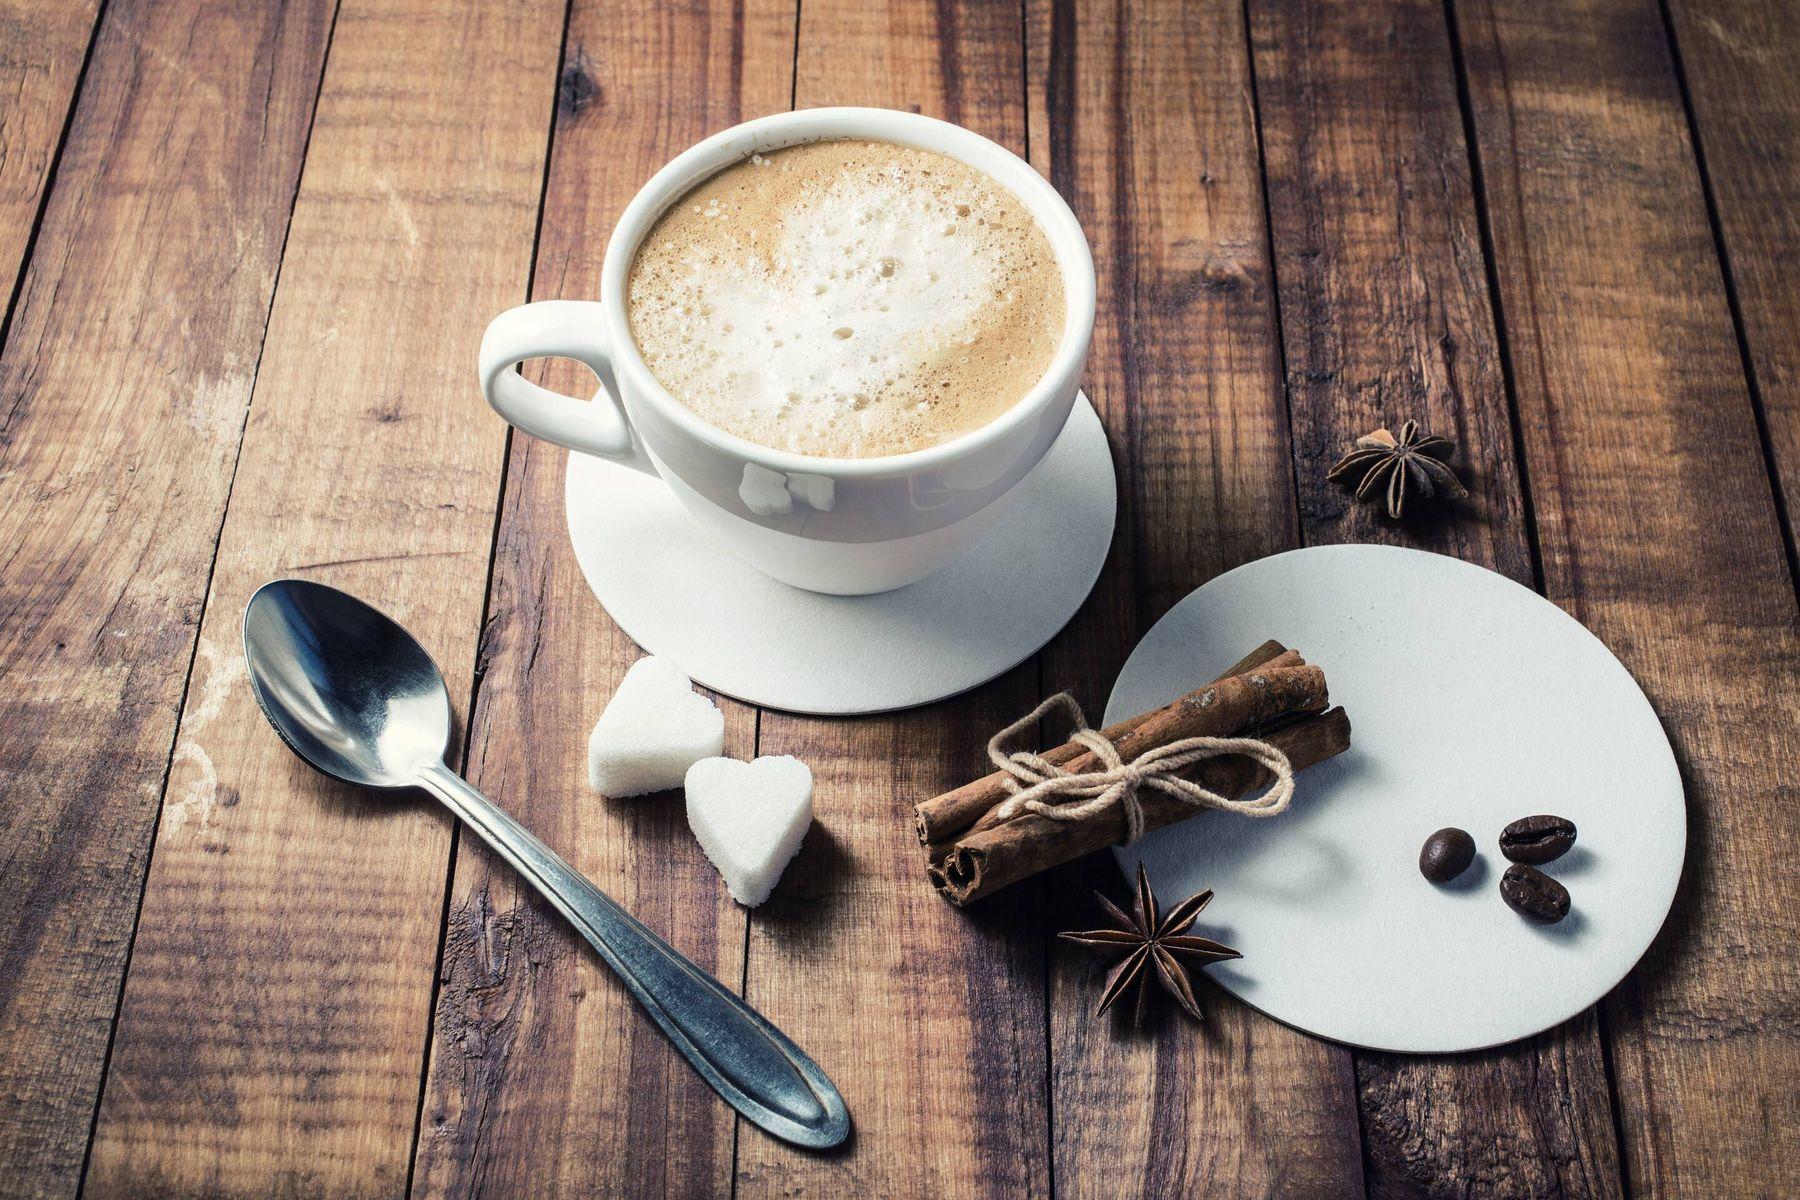 आपने कोस्टर पर से चाय-कॉफ़ी के दाग़ कैसे साफ़ करें | क्लीएनीपीडिया